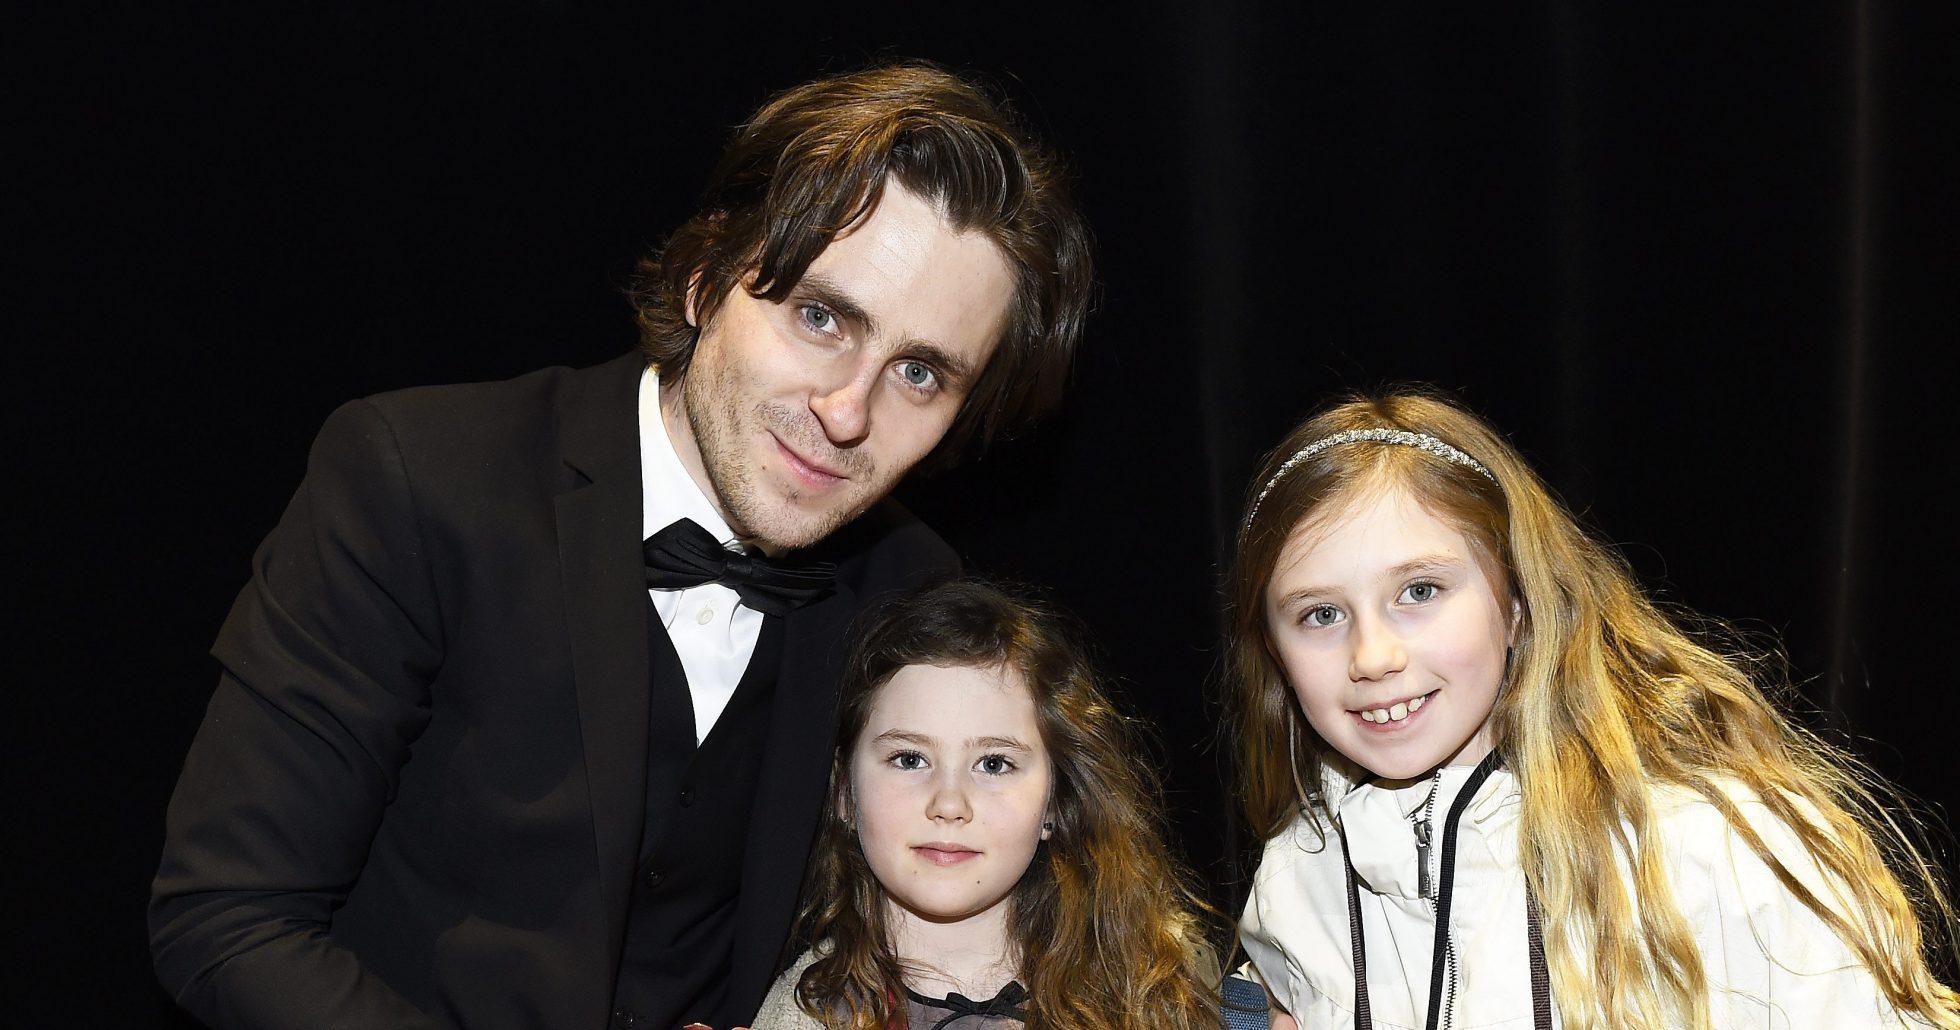 Sverrir Gudnason har barnen varannan vecka: